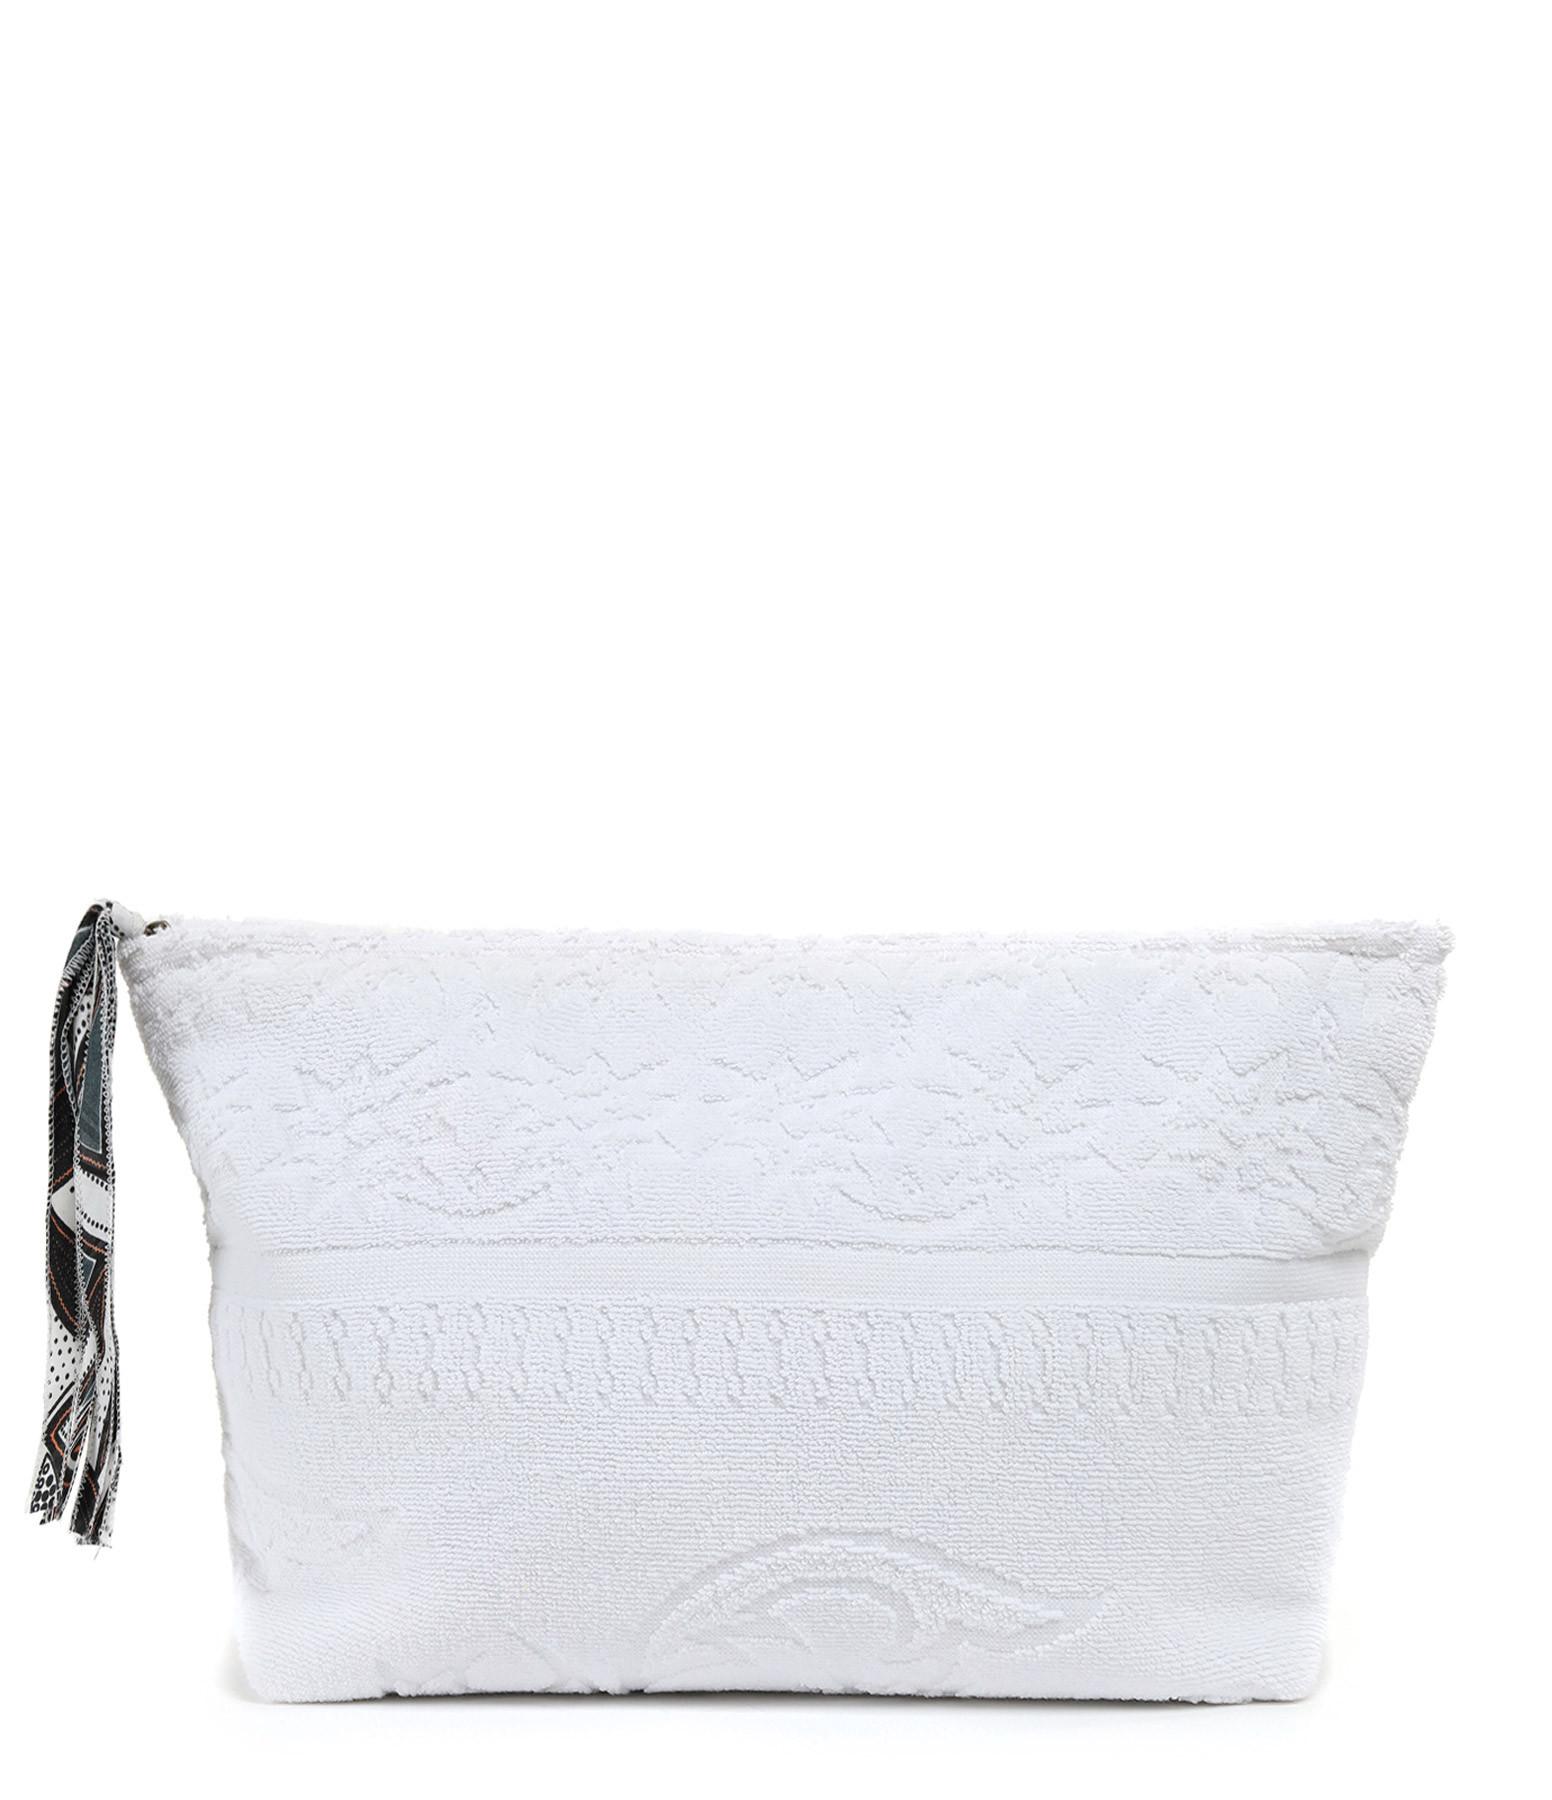 LALLA - Trousse XL Walakin Éponge Blanc